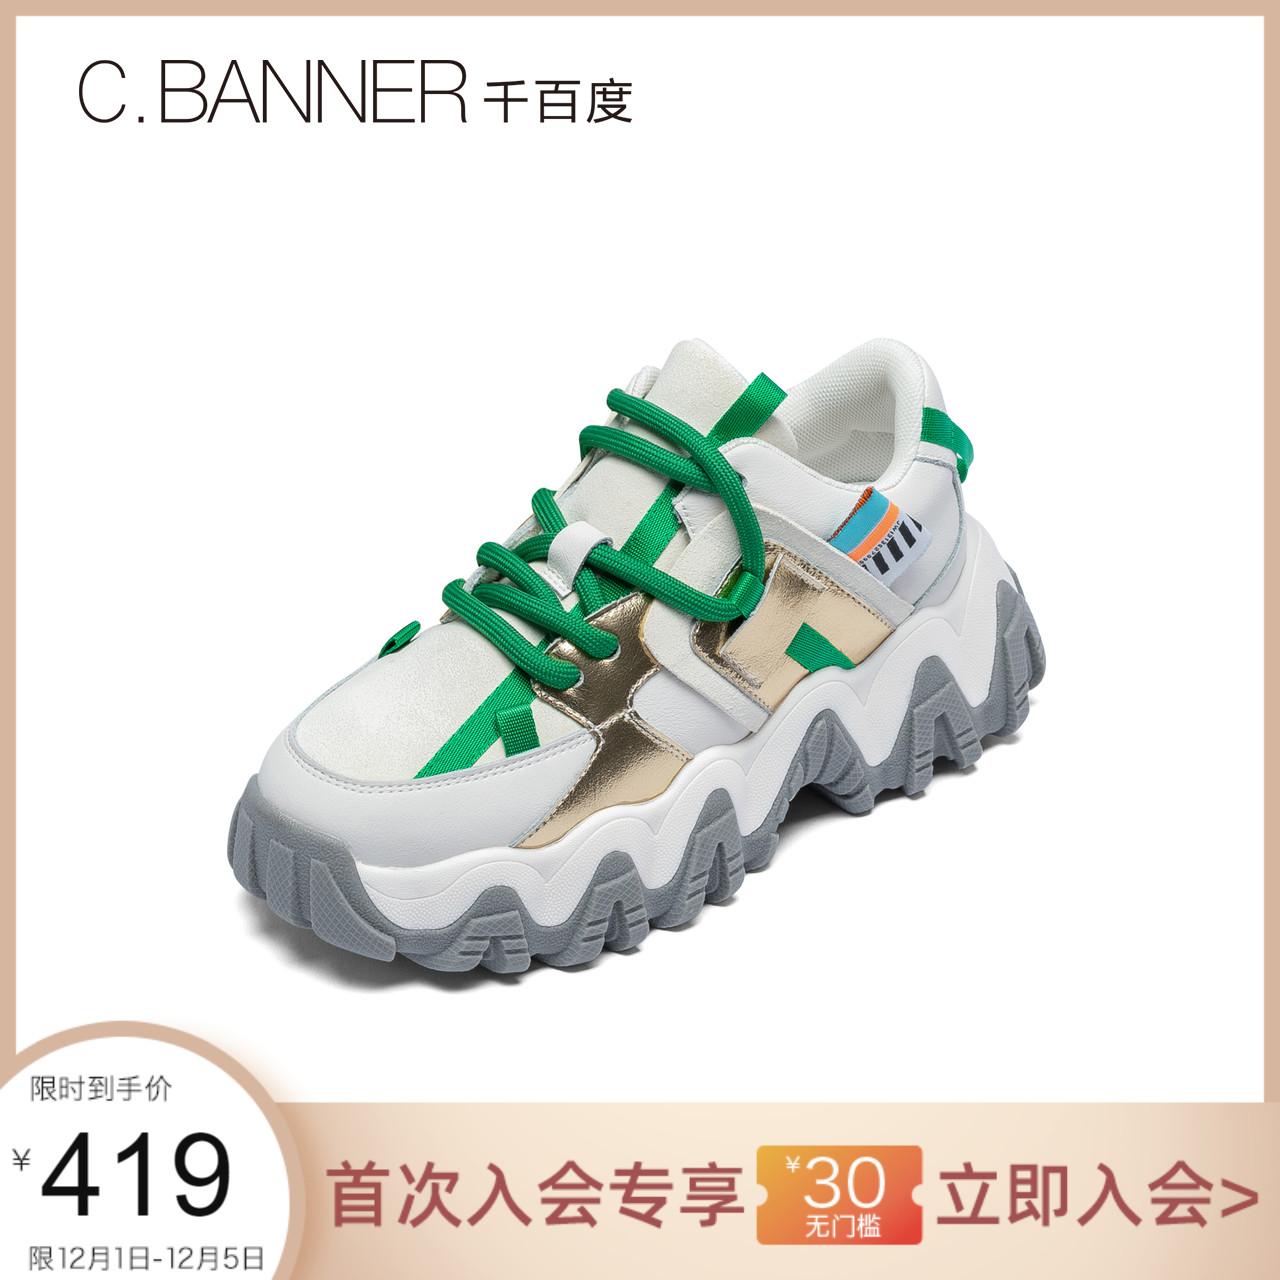 新款老爹鞋女秋季透气时尚波浪底运动鞋复古厚底休闲鞋 2020 千百度